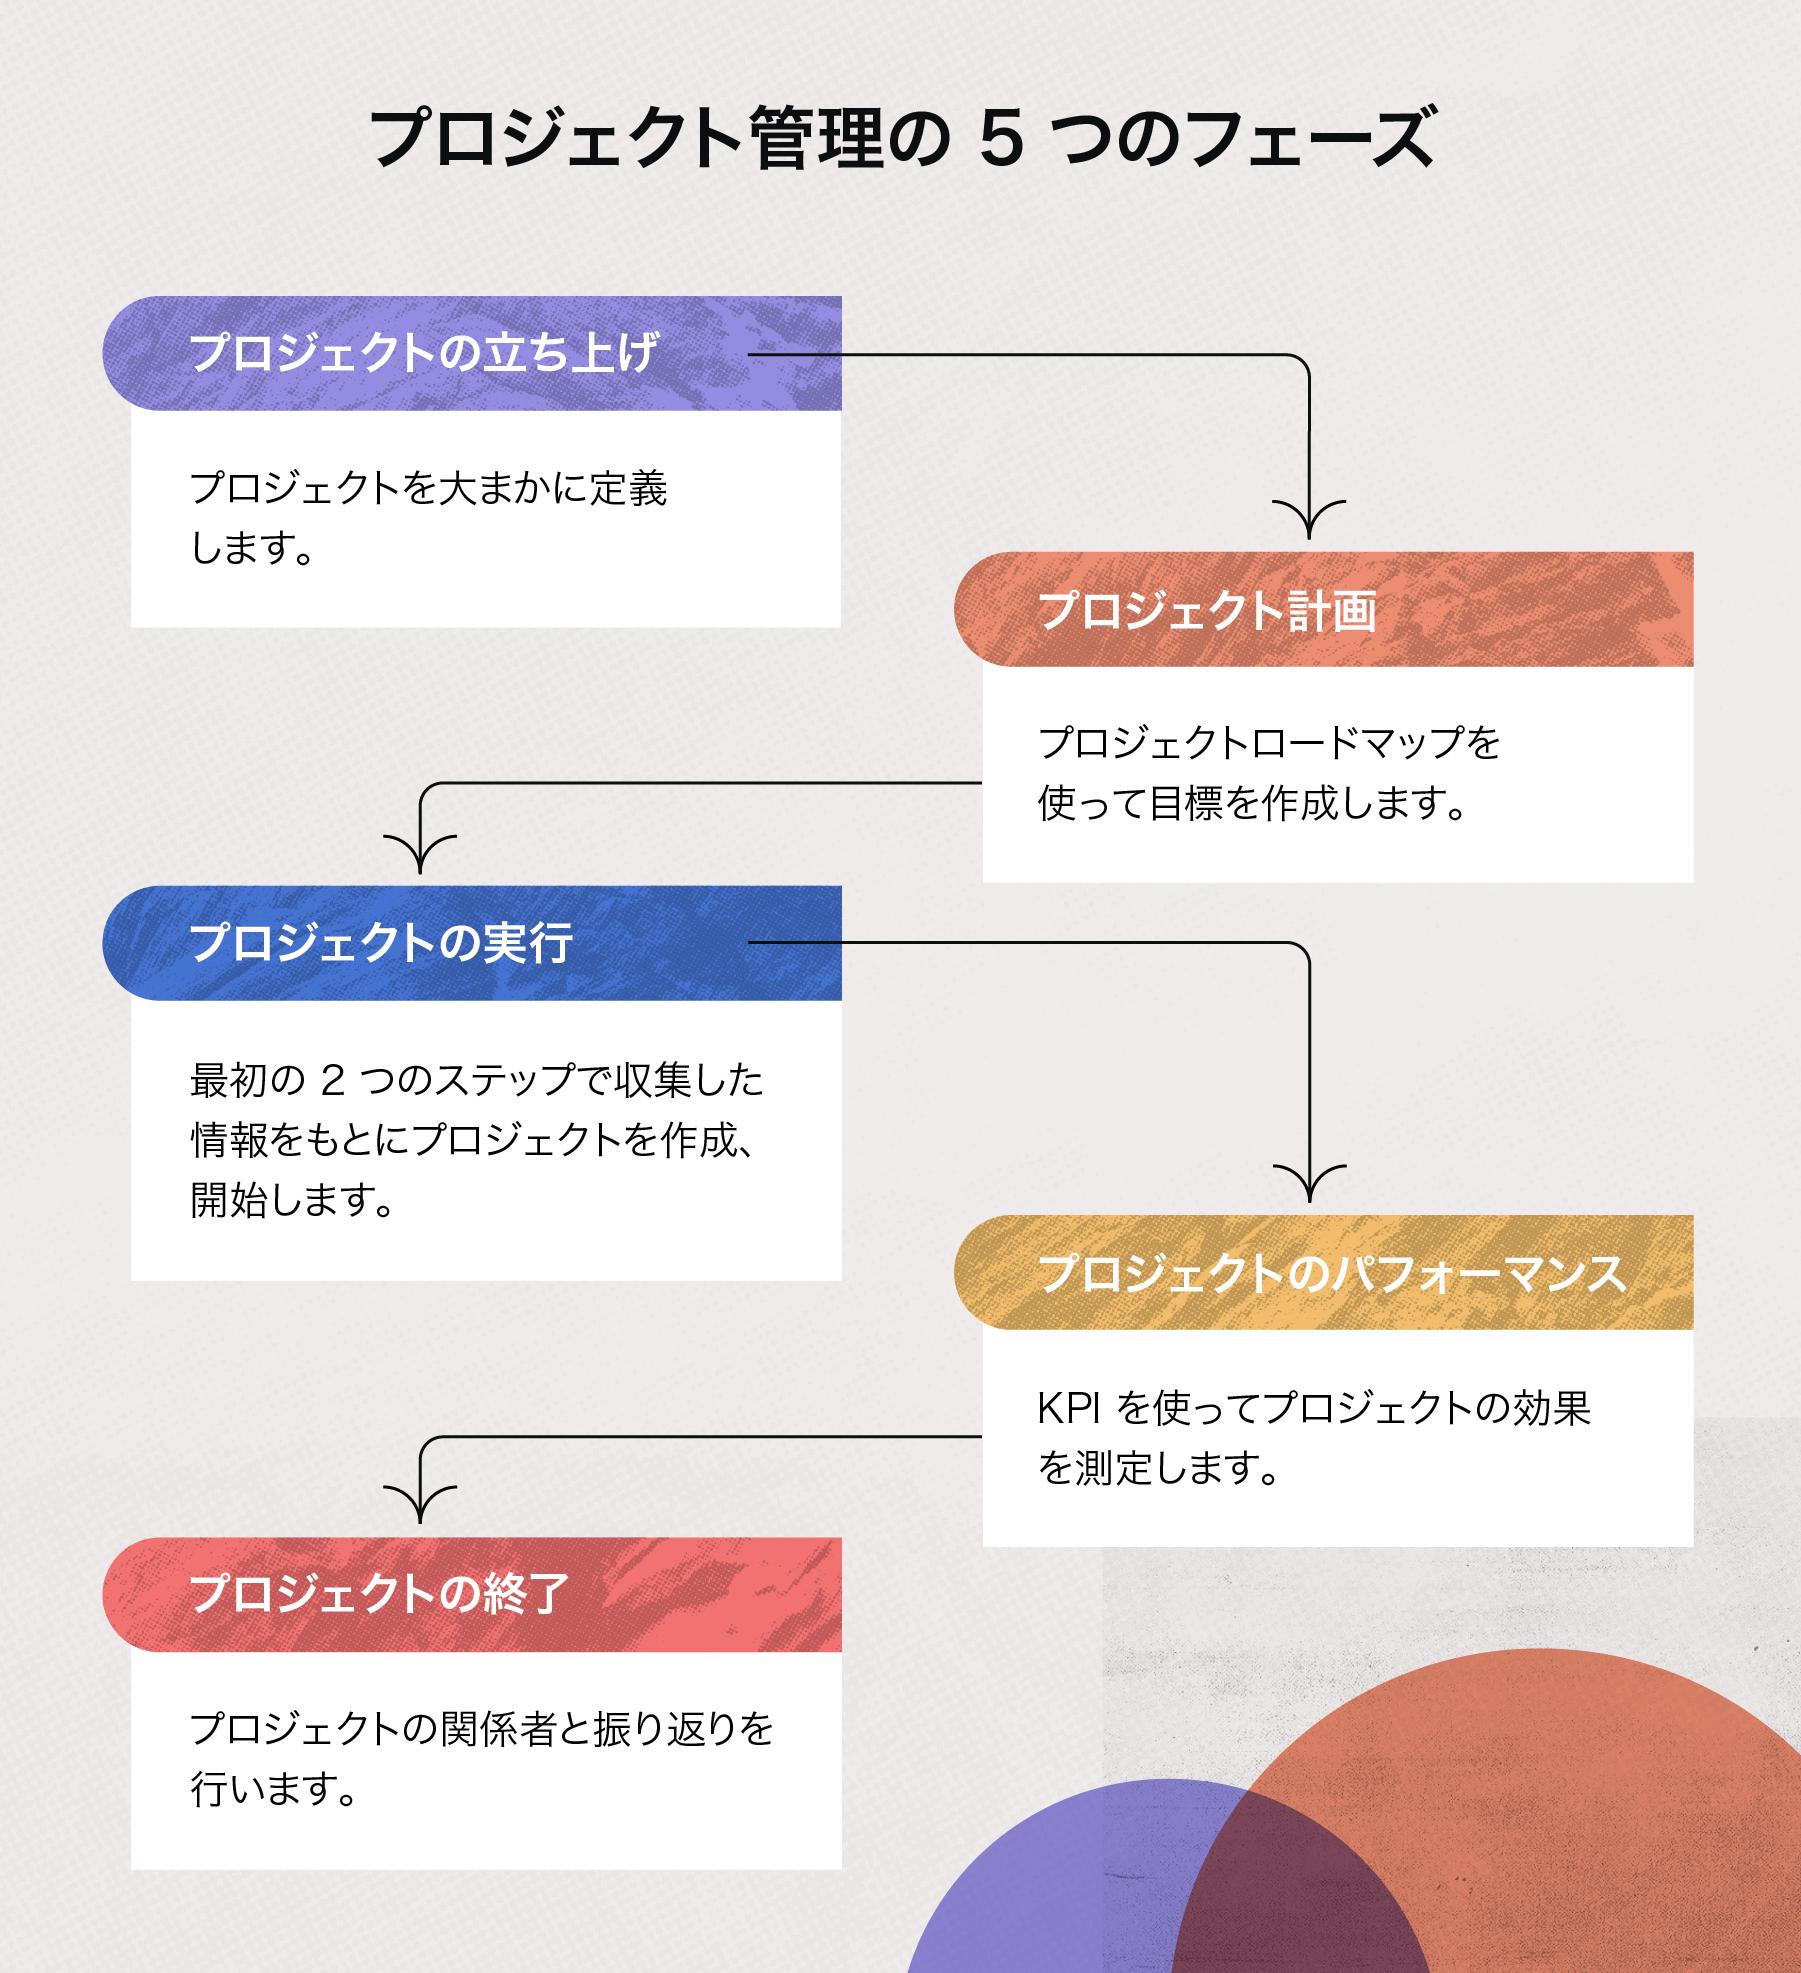 プロジェクト管理の 5 つのフェーズ